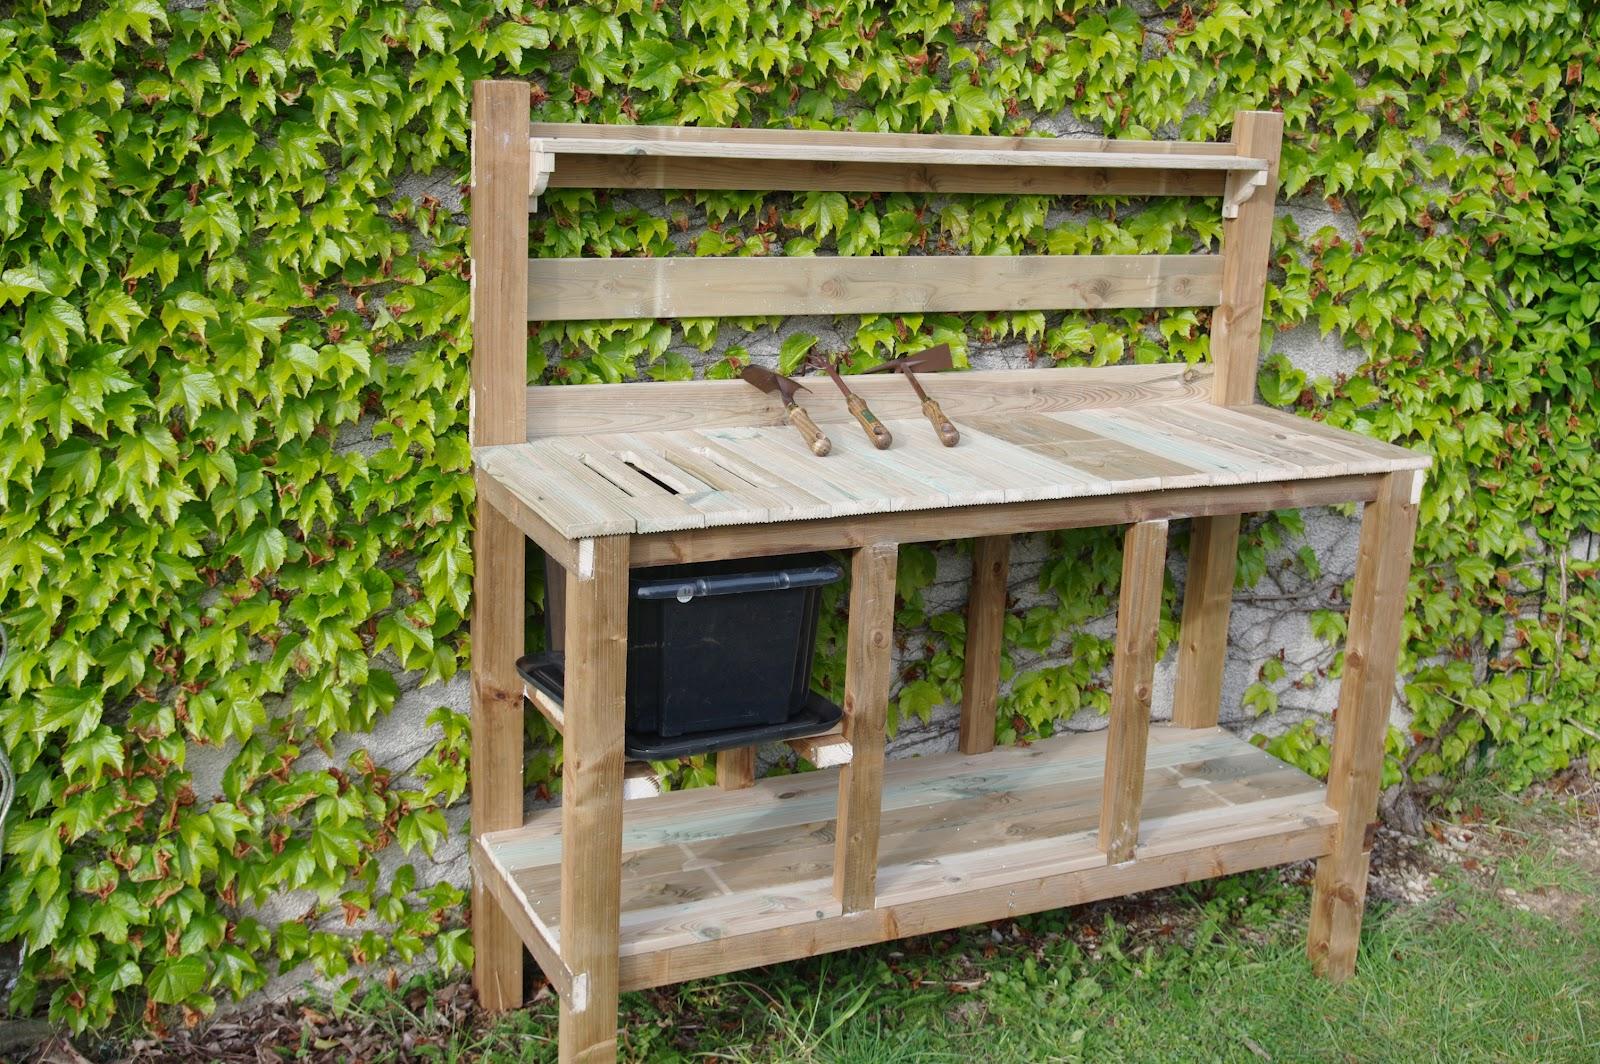 le jardin boultois un mobilier bien adapt ma table de. Black Bedroom Furniture Sets. Home Design Ideas